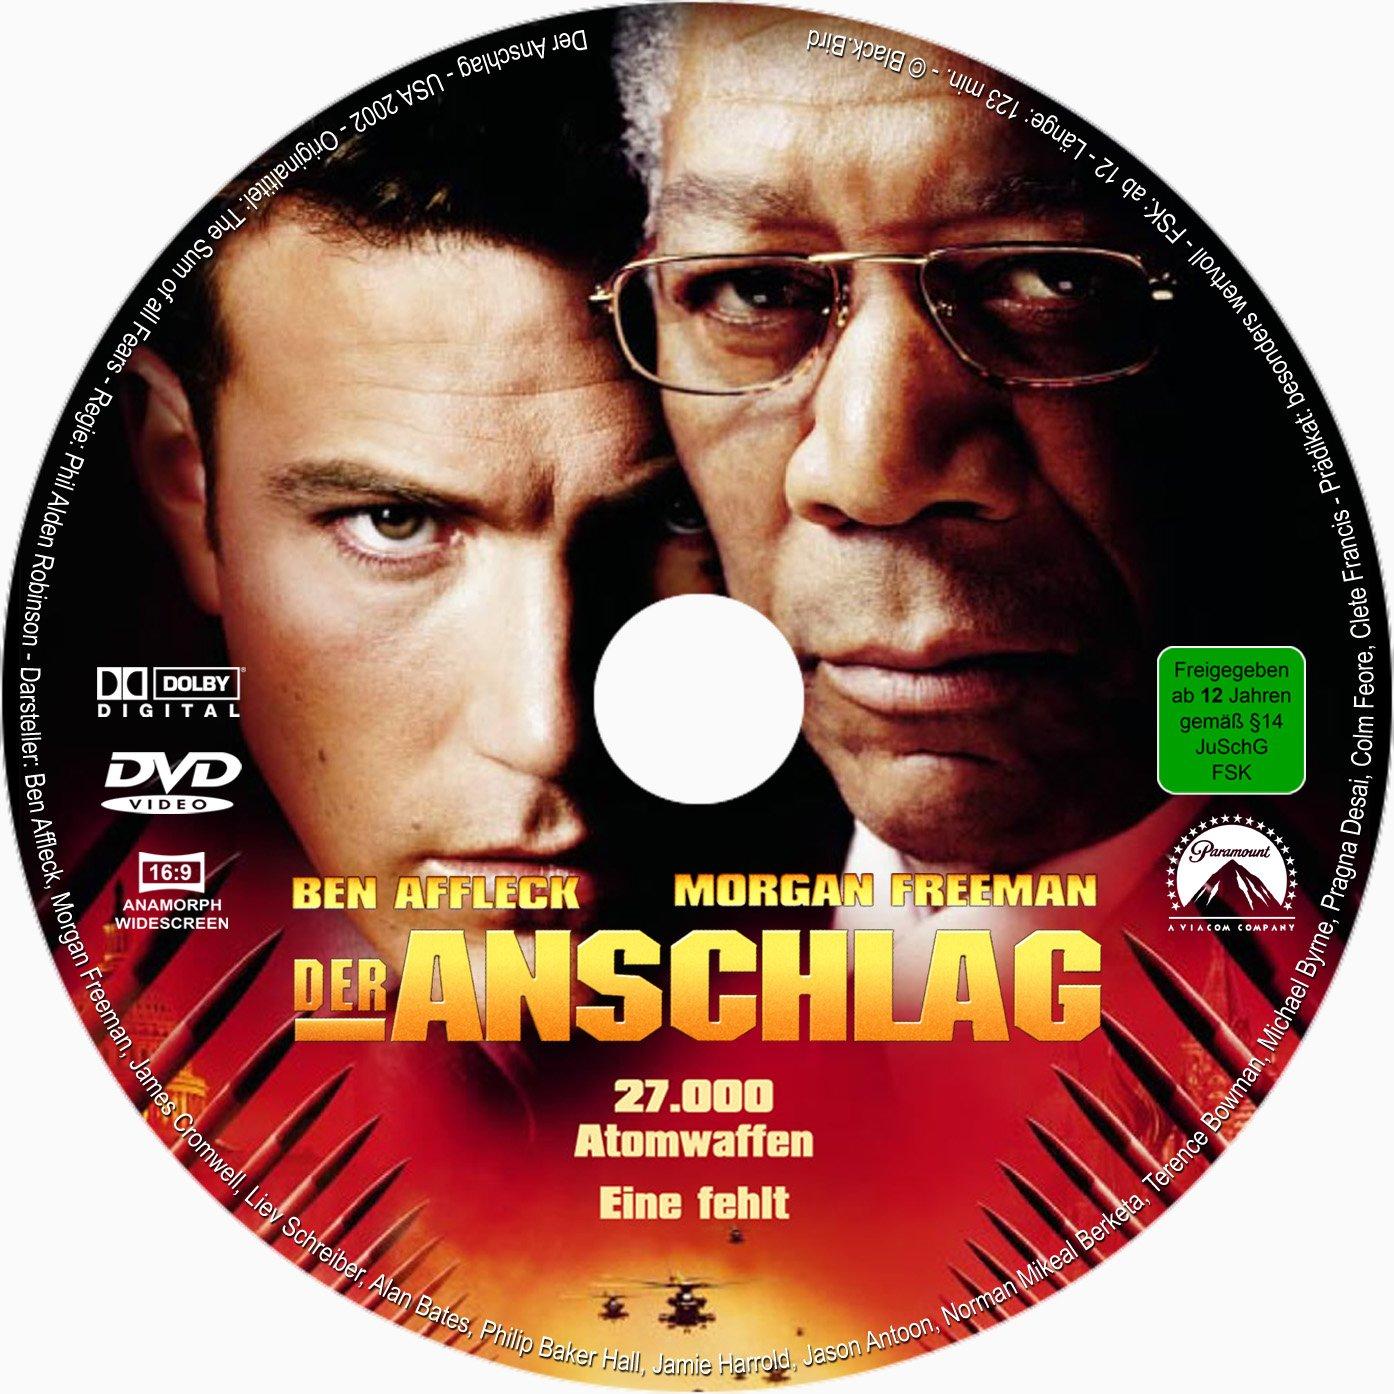 Der Anschlag Film Stream